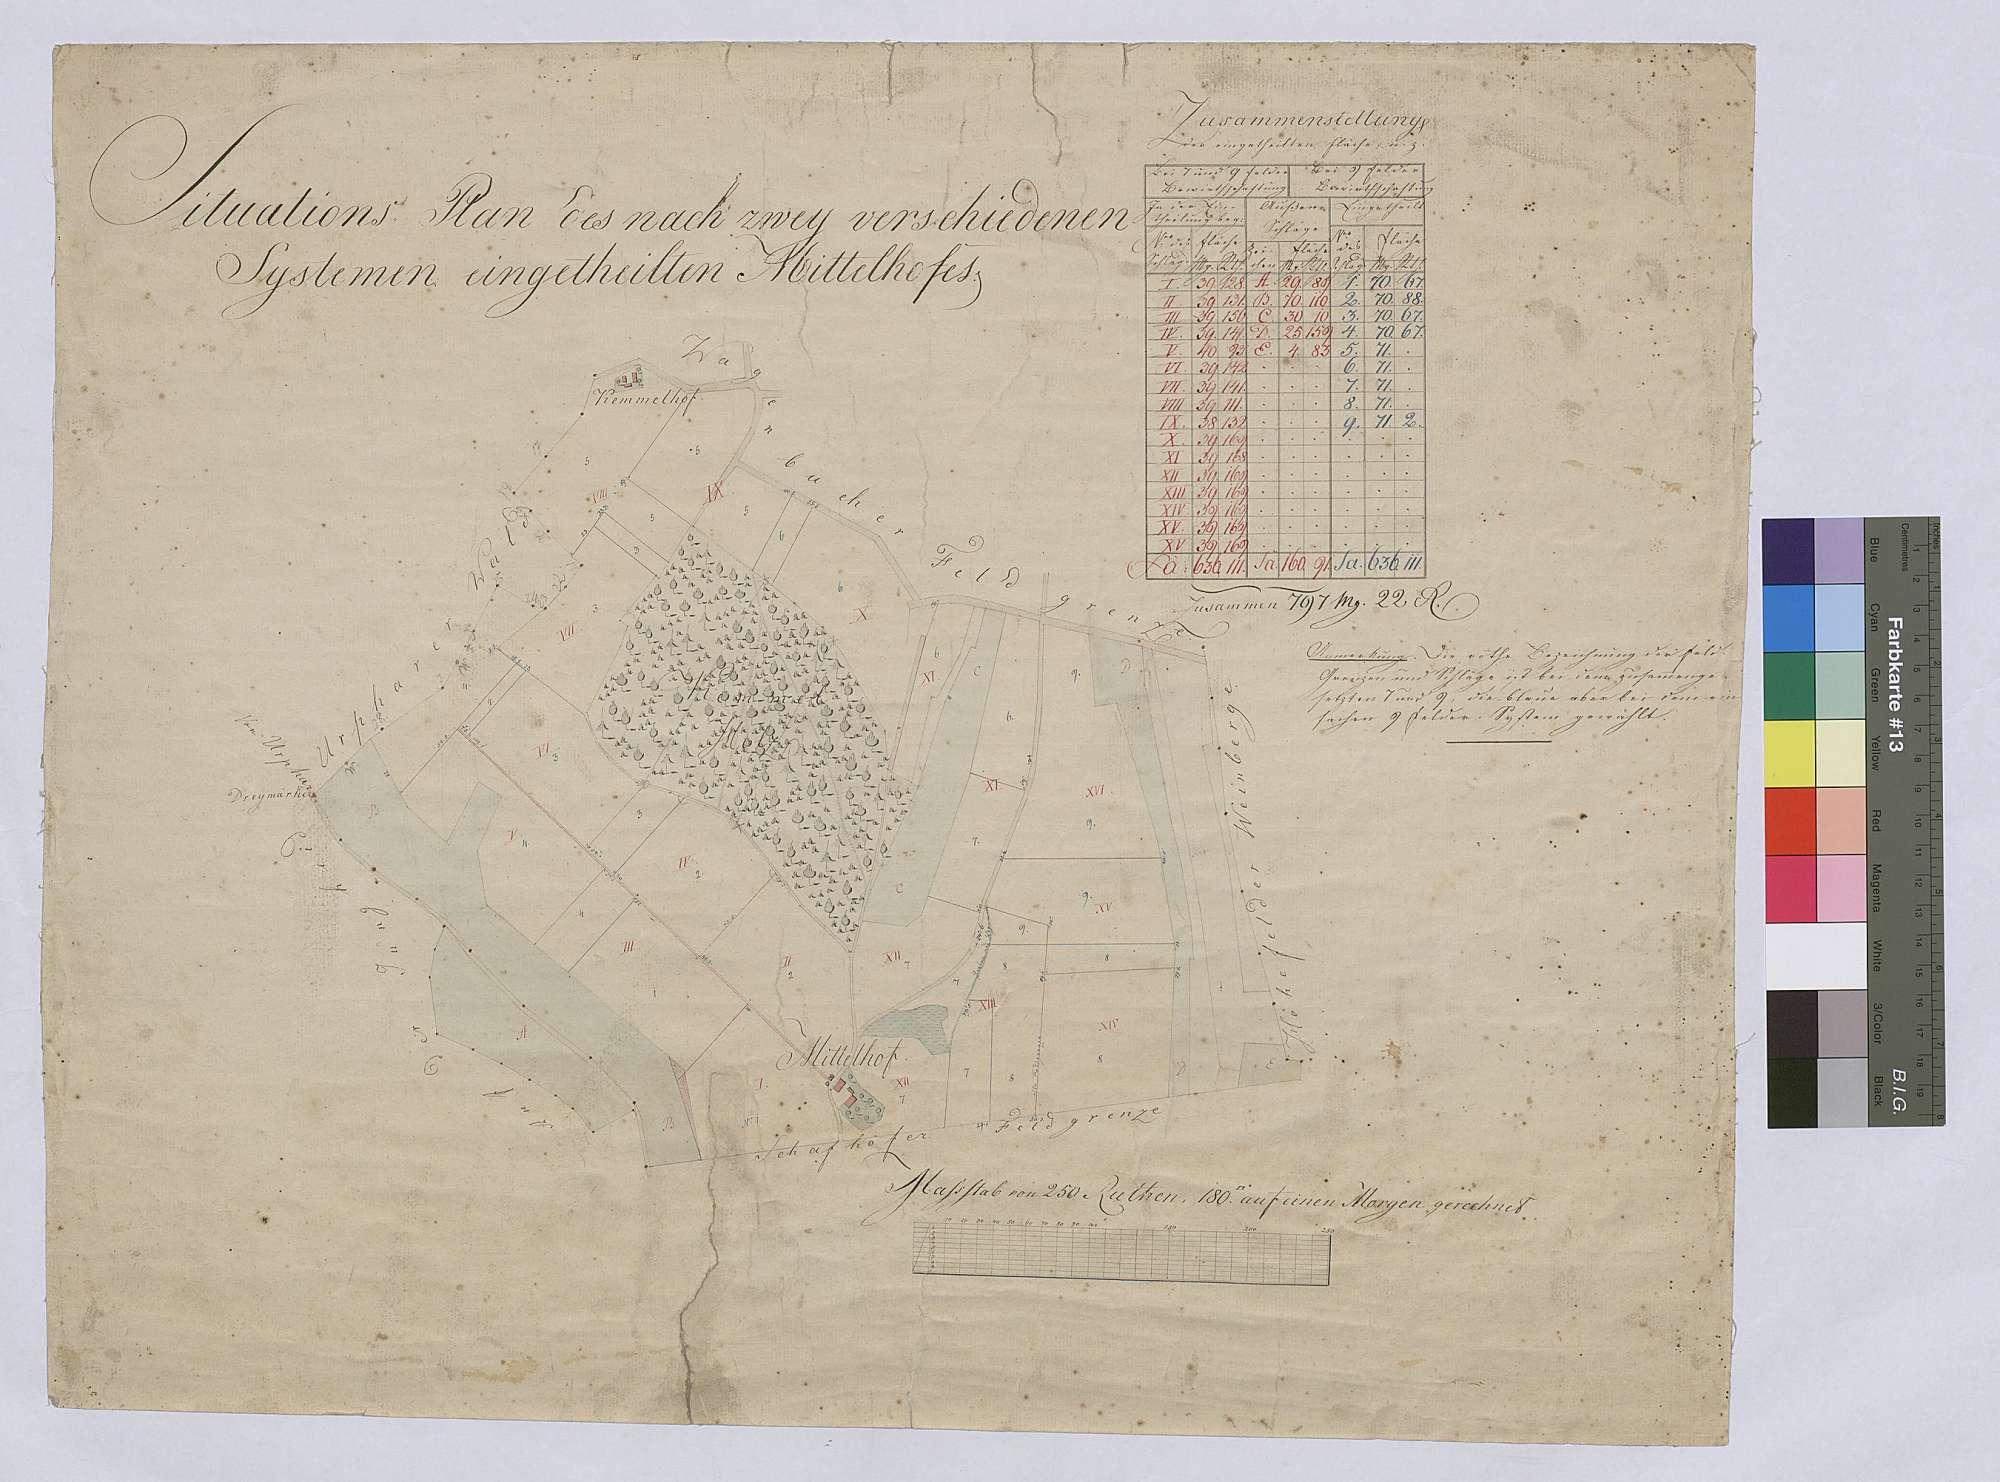 Situationsplan des nach zwei verschiedenen Systemen eingeteilten Mittelhofs (Inselkarte), Bild 1